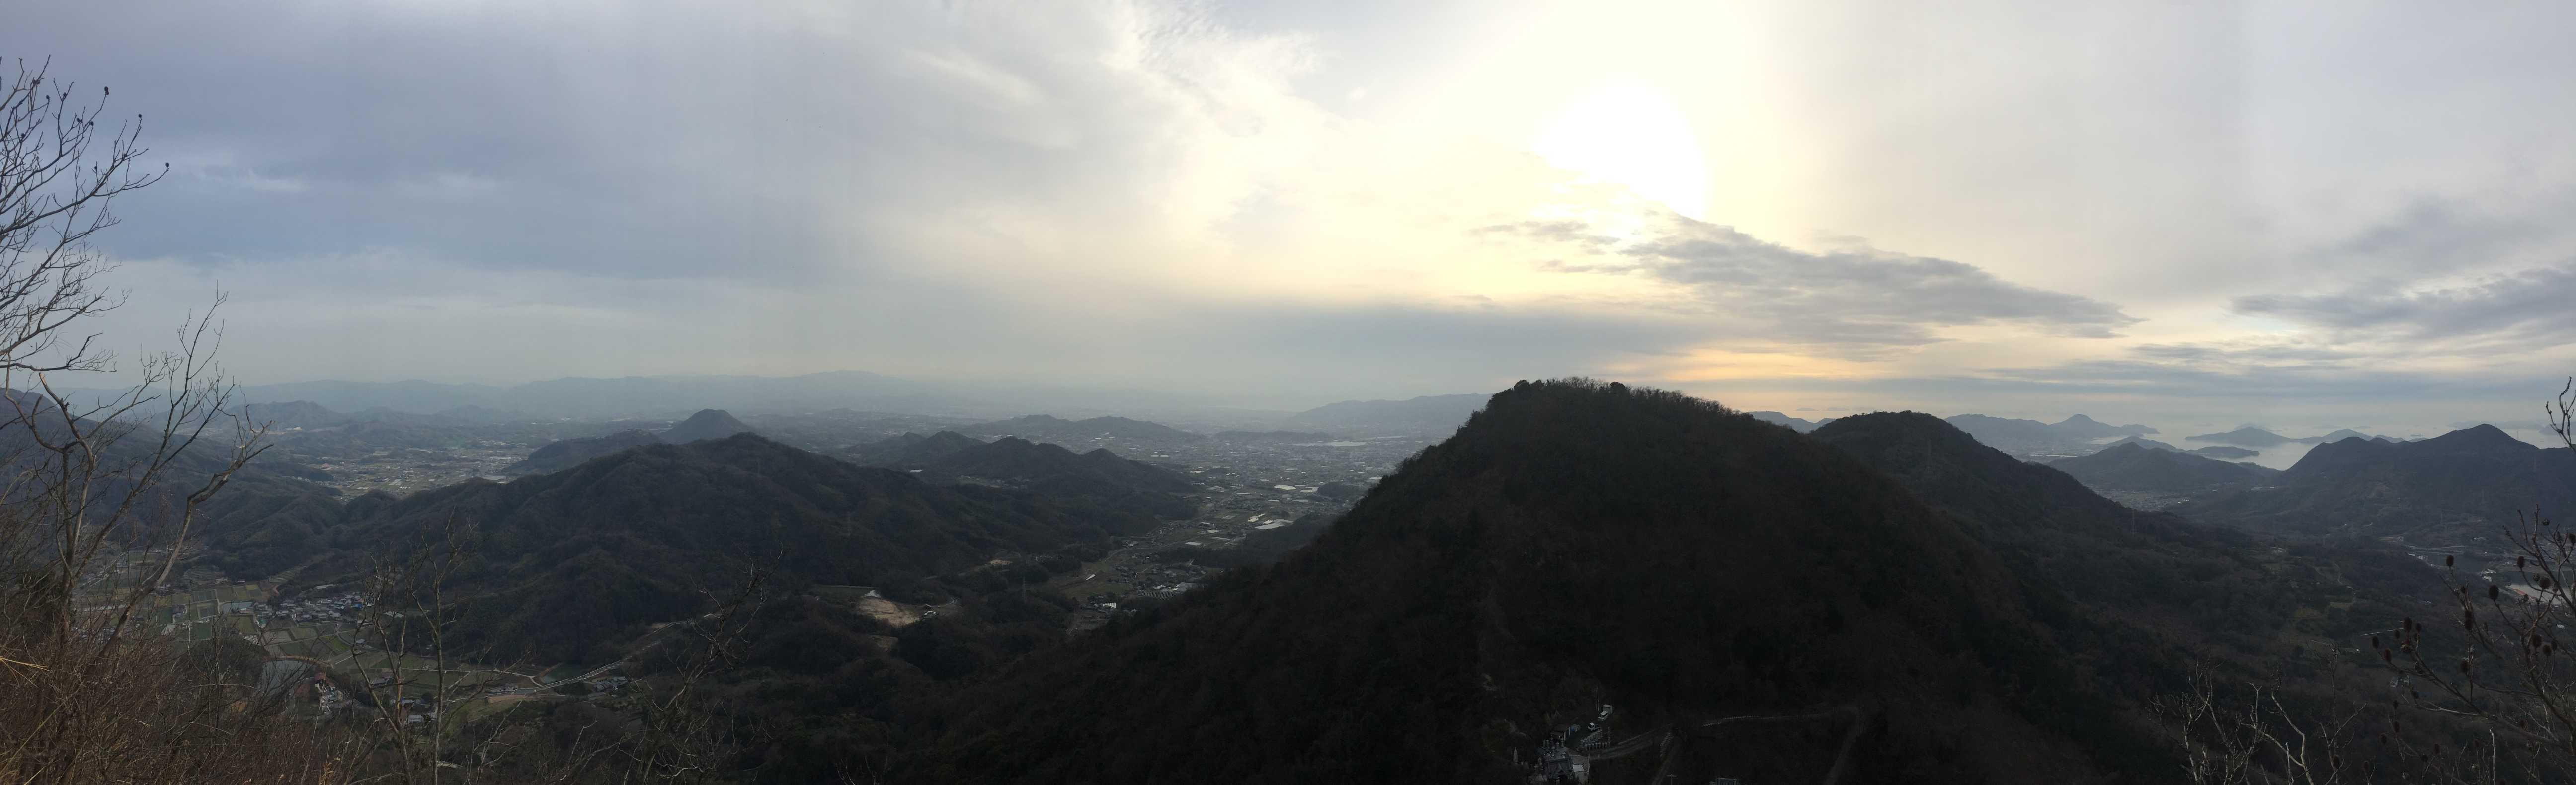 絶景「捨身ヶ嶽禅定」のパノラマ写真